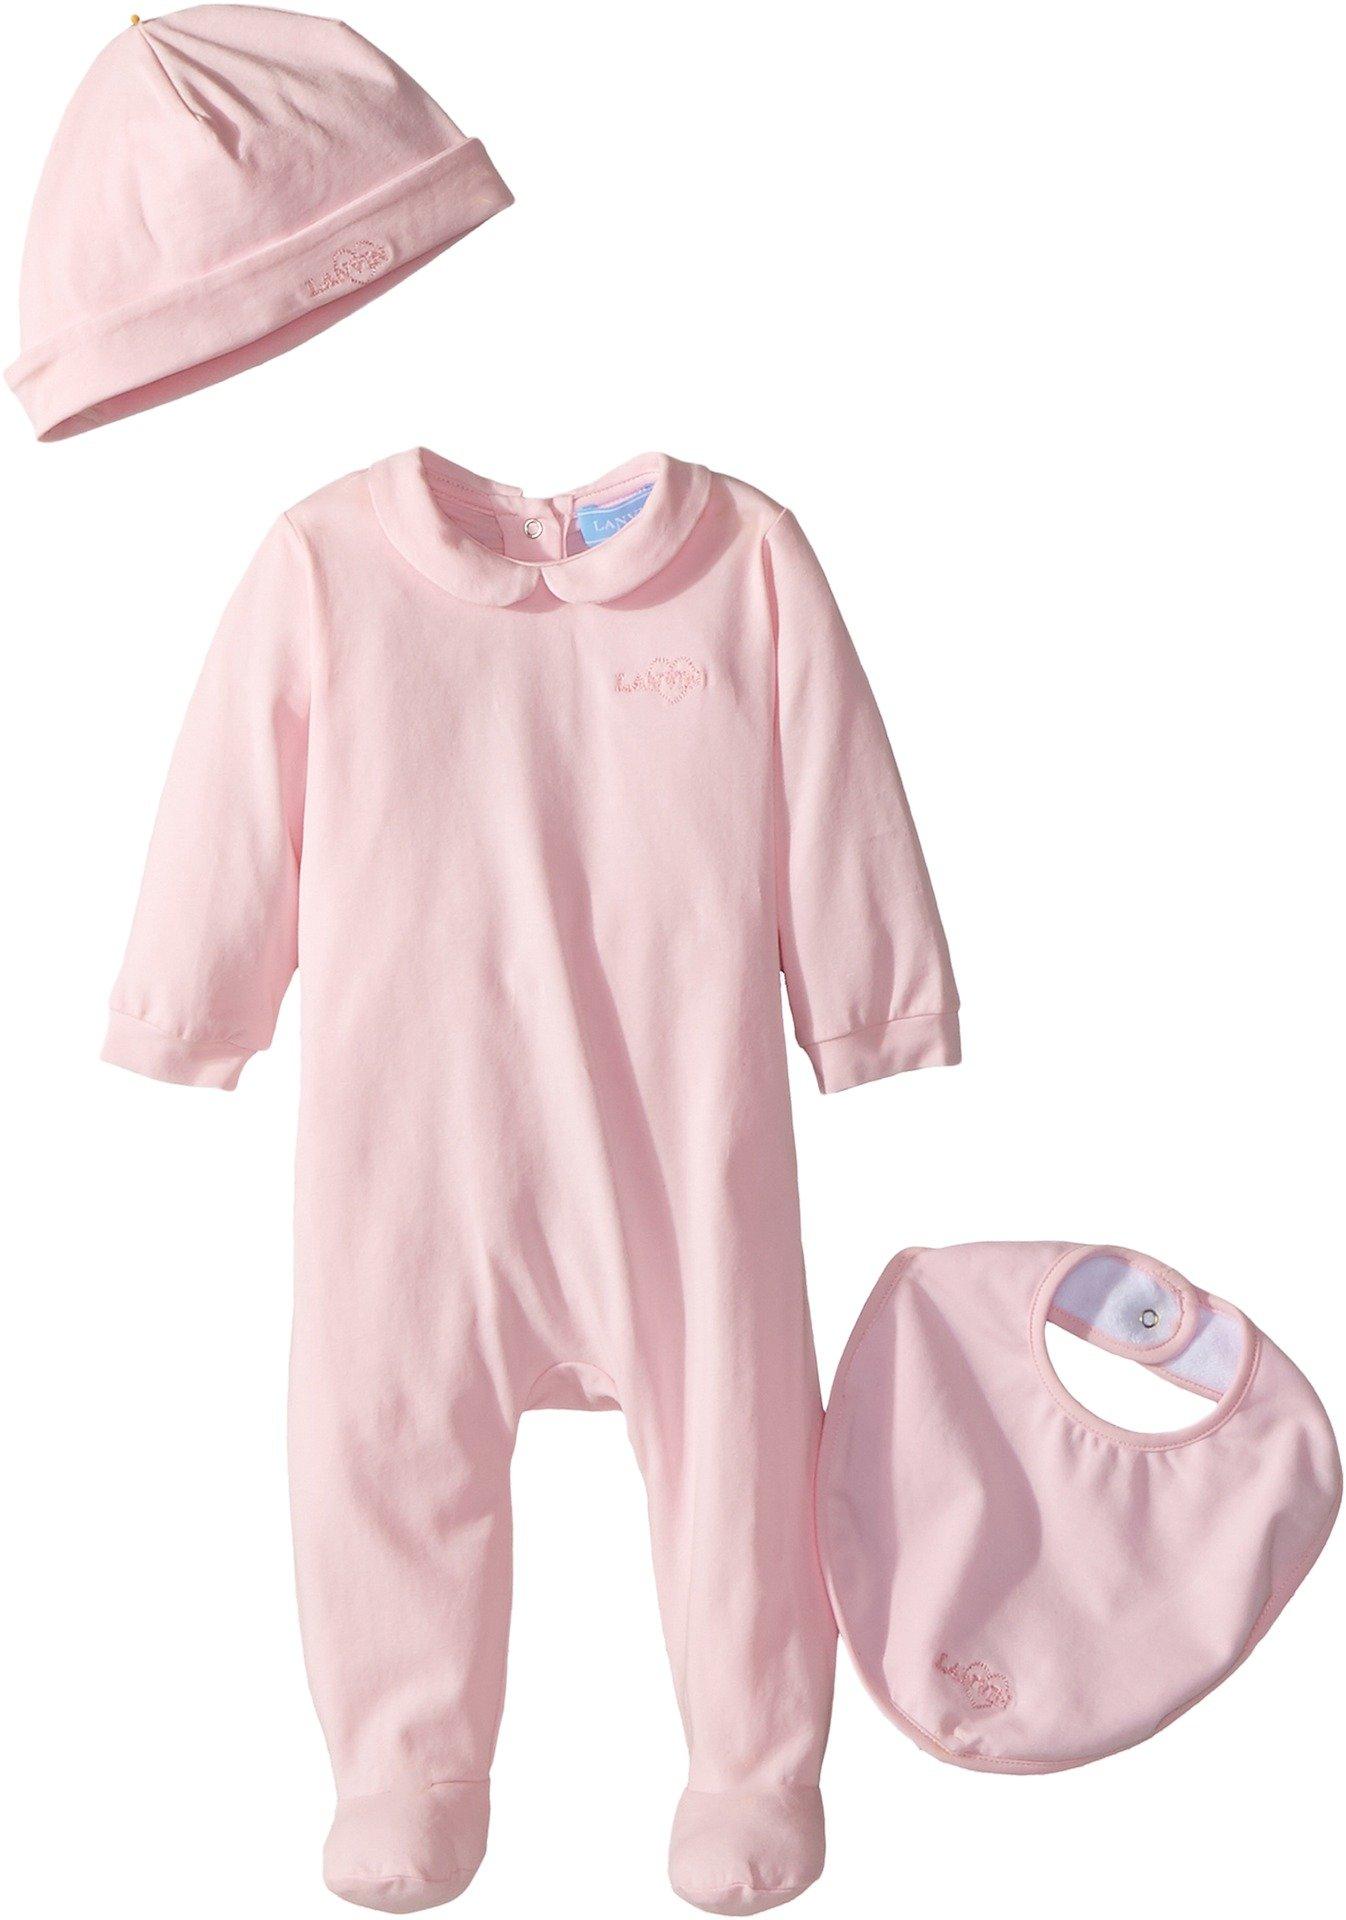 Lanvin Kids Baby Girl's Logo Collar Footie/Hat/Bib Gift Set (Infant) Pink 3